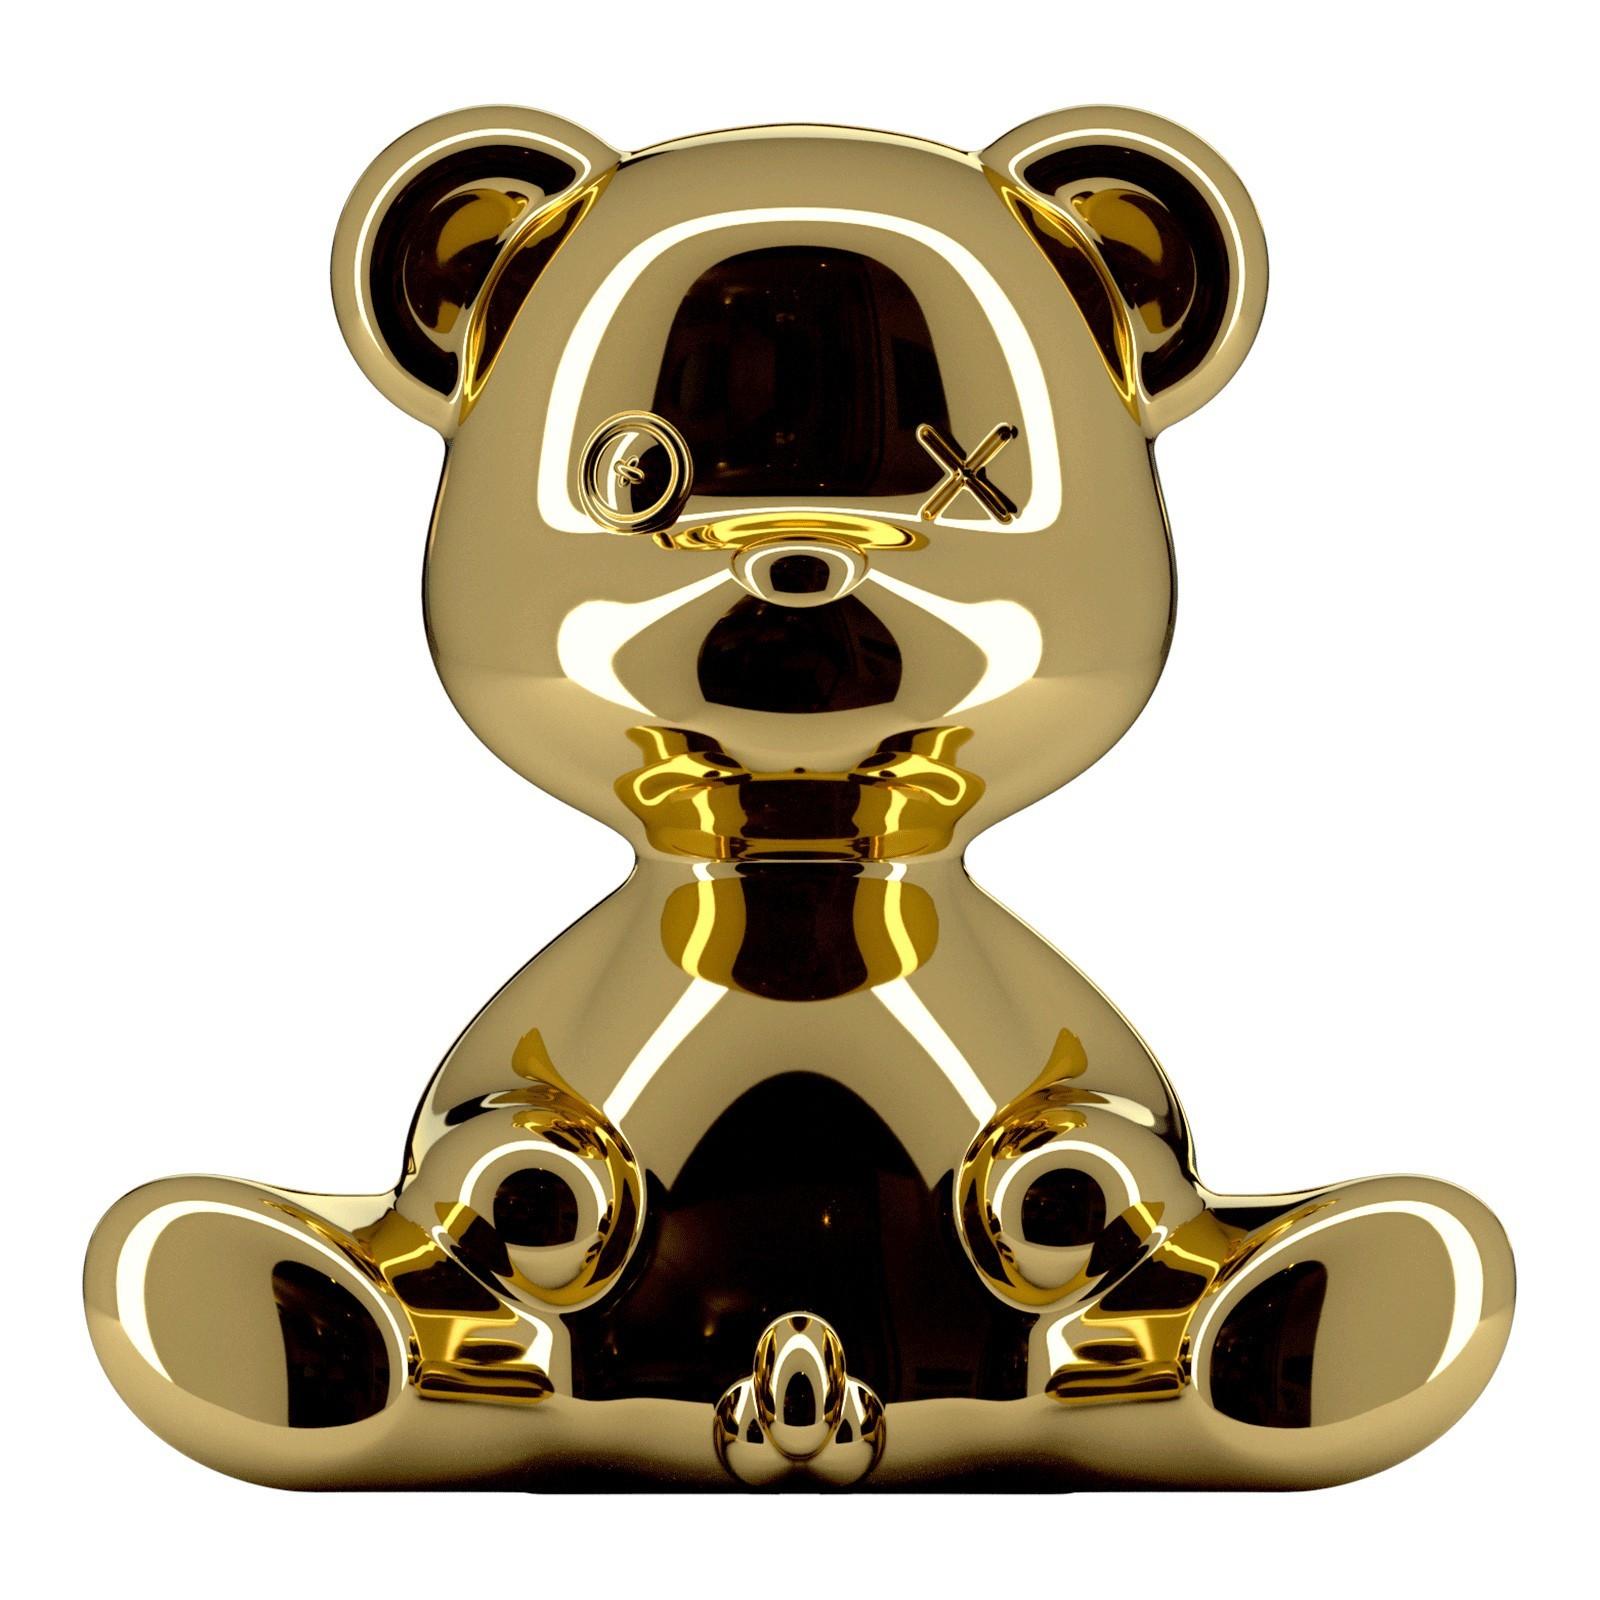 Qeeboo Teddy Boy Table Lamp, Gold